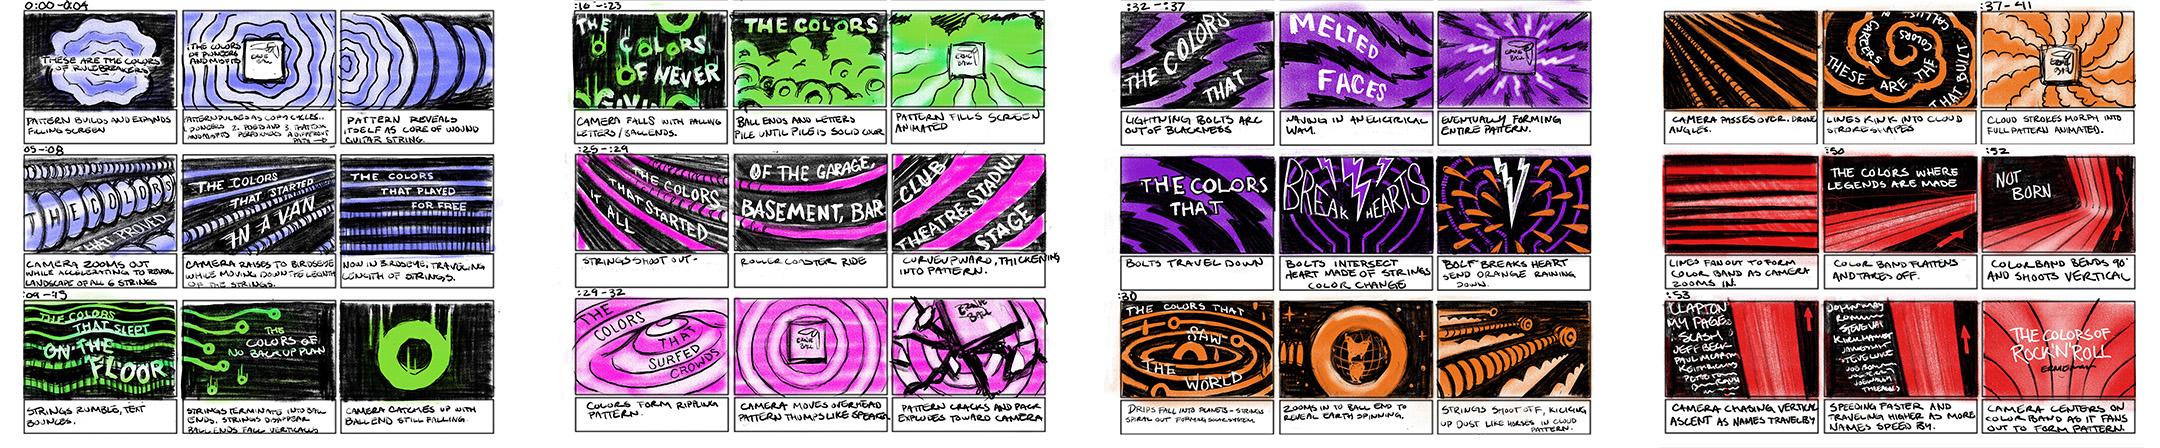 crnr-storyboard-image.jpg